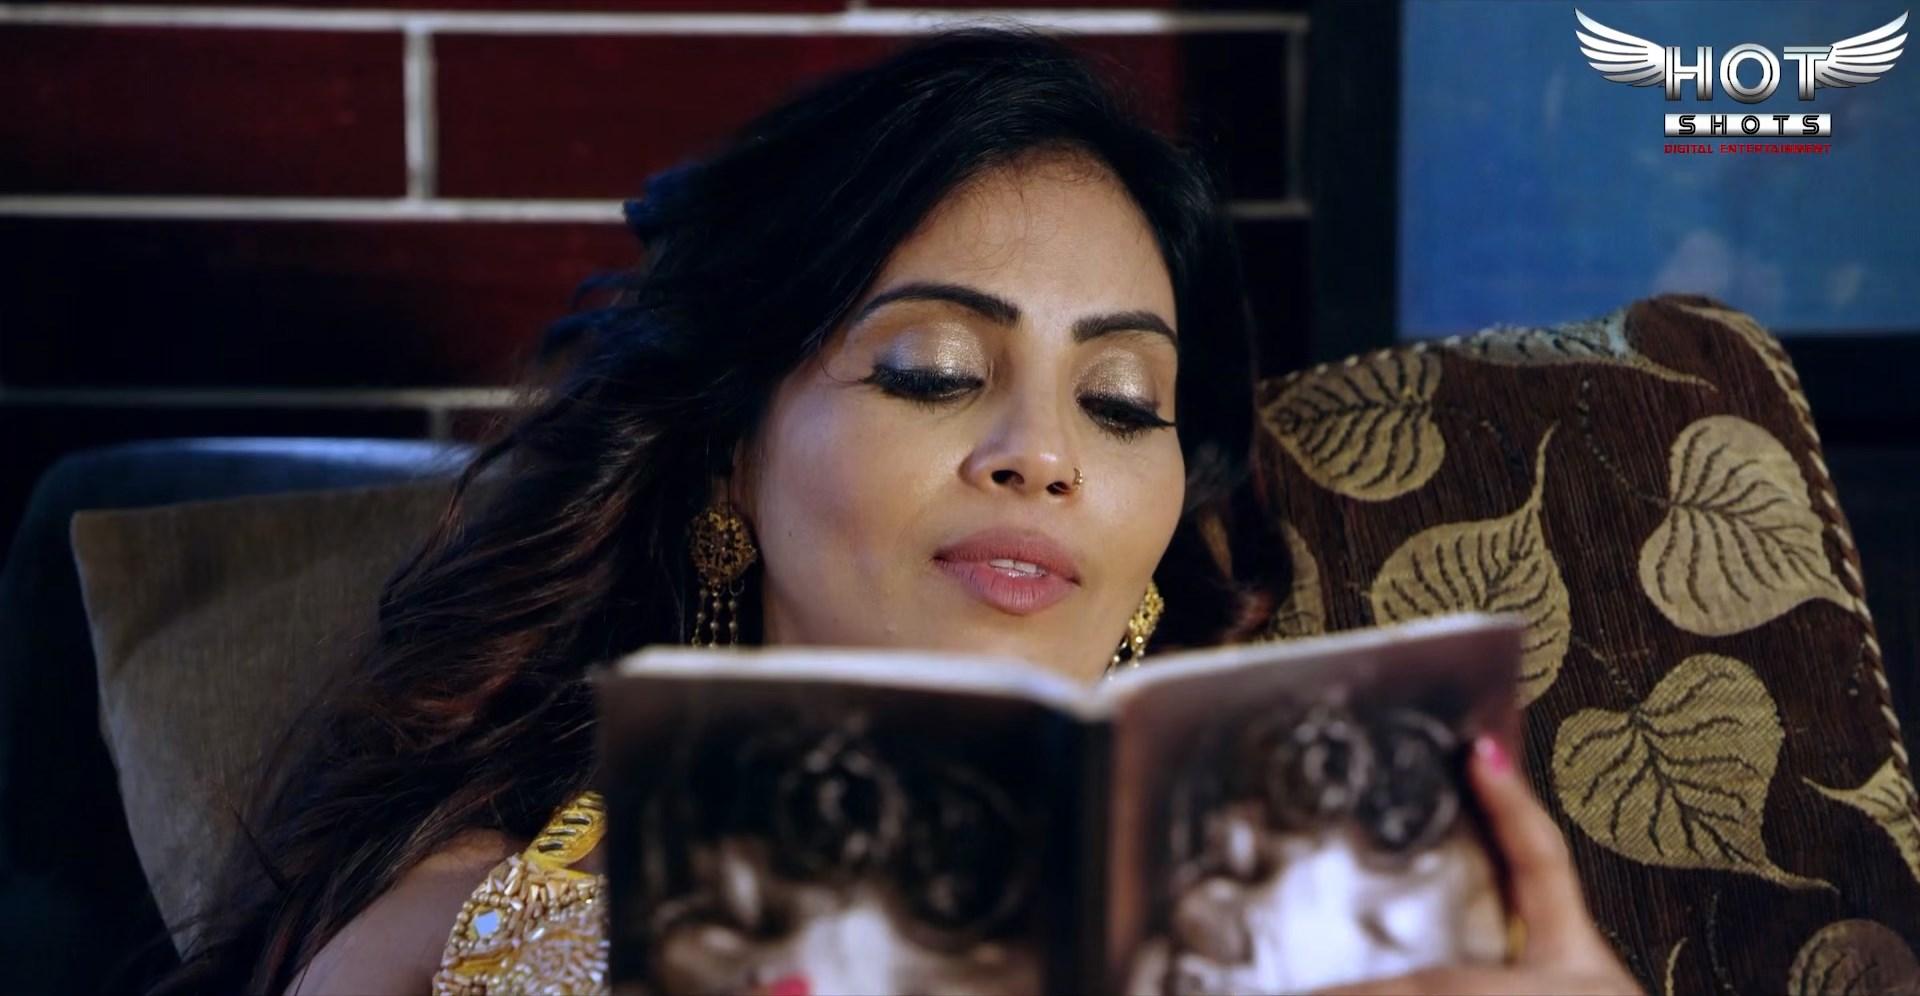 dhrs 4 - 18+ Dream 2020 HotShots Originals Hindi Short Film 720p HDRip 150MB x264 AAC